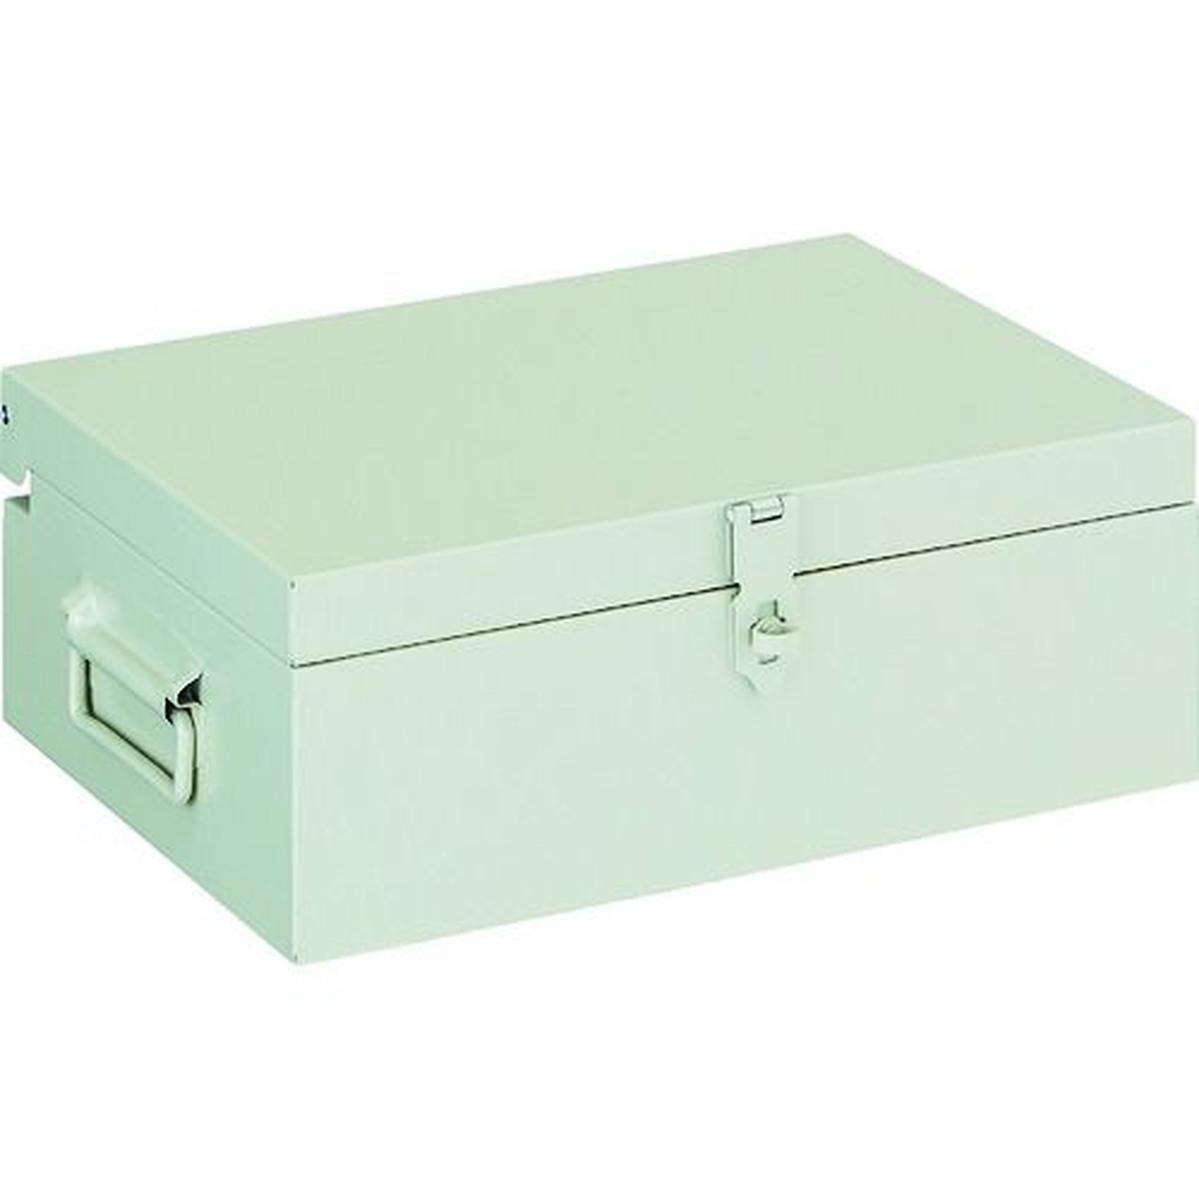 男女兼用 TRUSCO 小型ツールボックス 400X300X150 中皿なし 中皿なし 400X300X150 小型ツールボックス 1台, beautycrew:a73959d3 --- kventurepartners.sakura.ne.jp